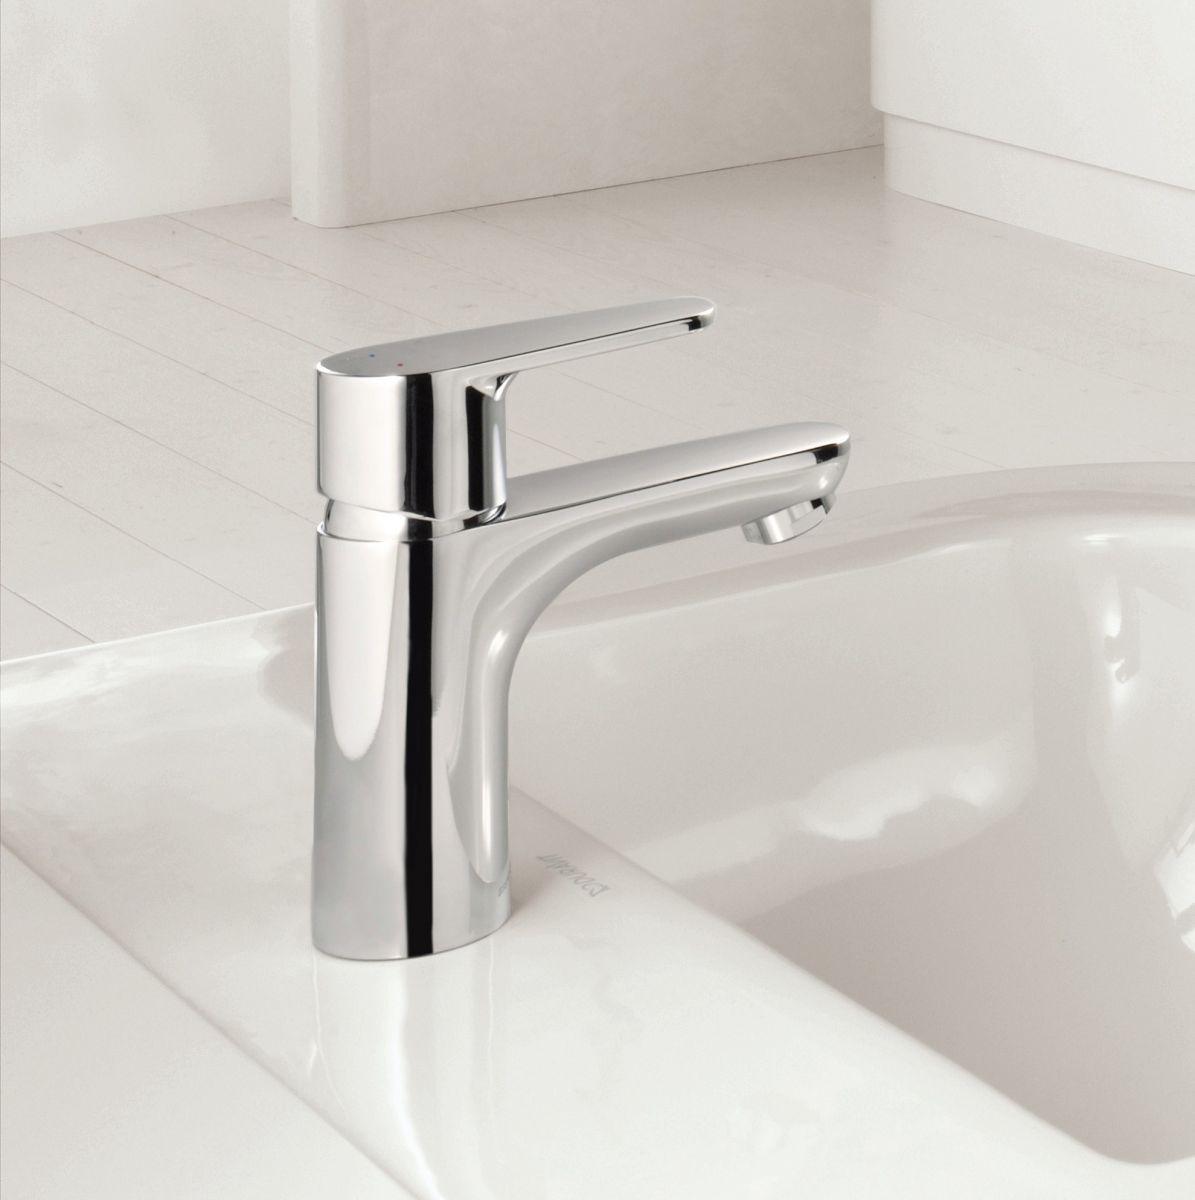 hansgrohe talis e2 basin mixer tap uk bathrooms. Black Bedroom Furniture Sets. Home Design Ideas